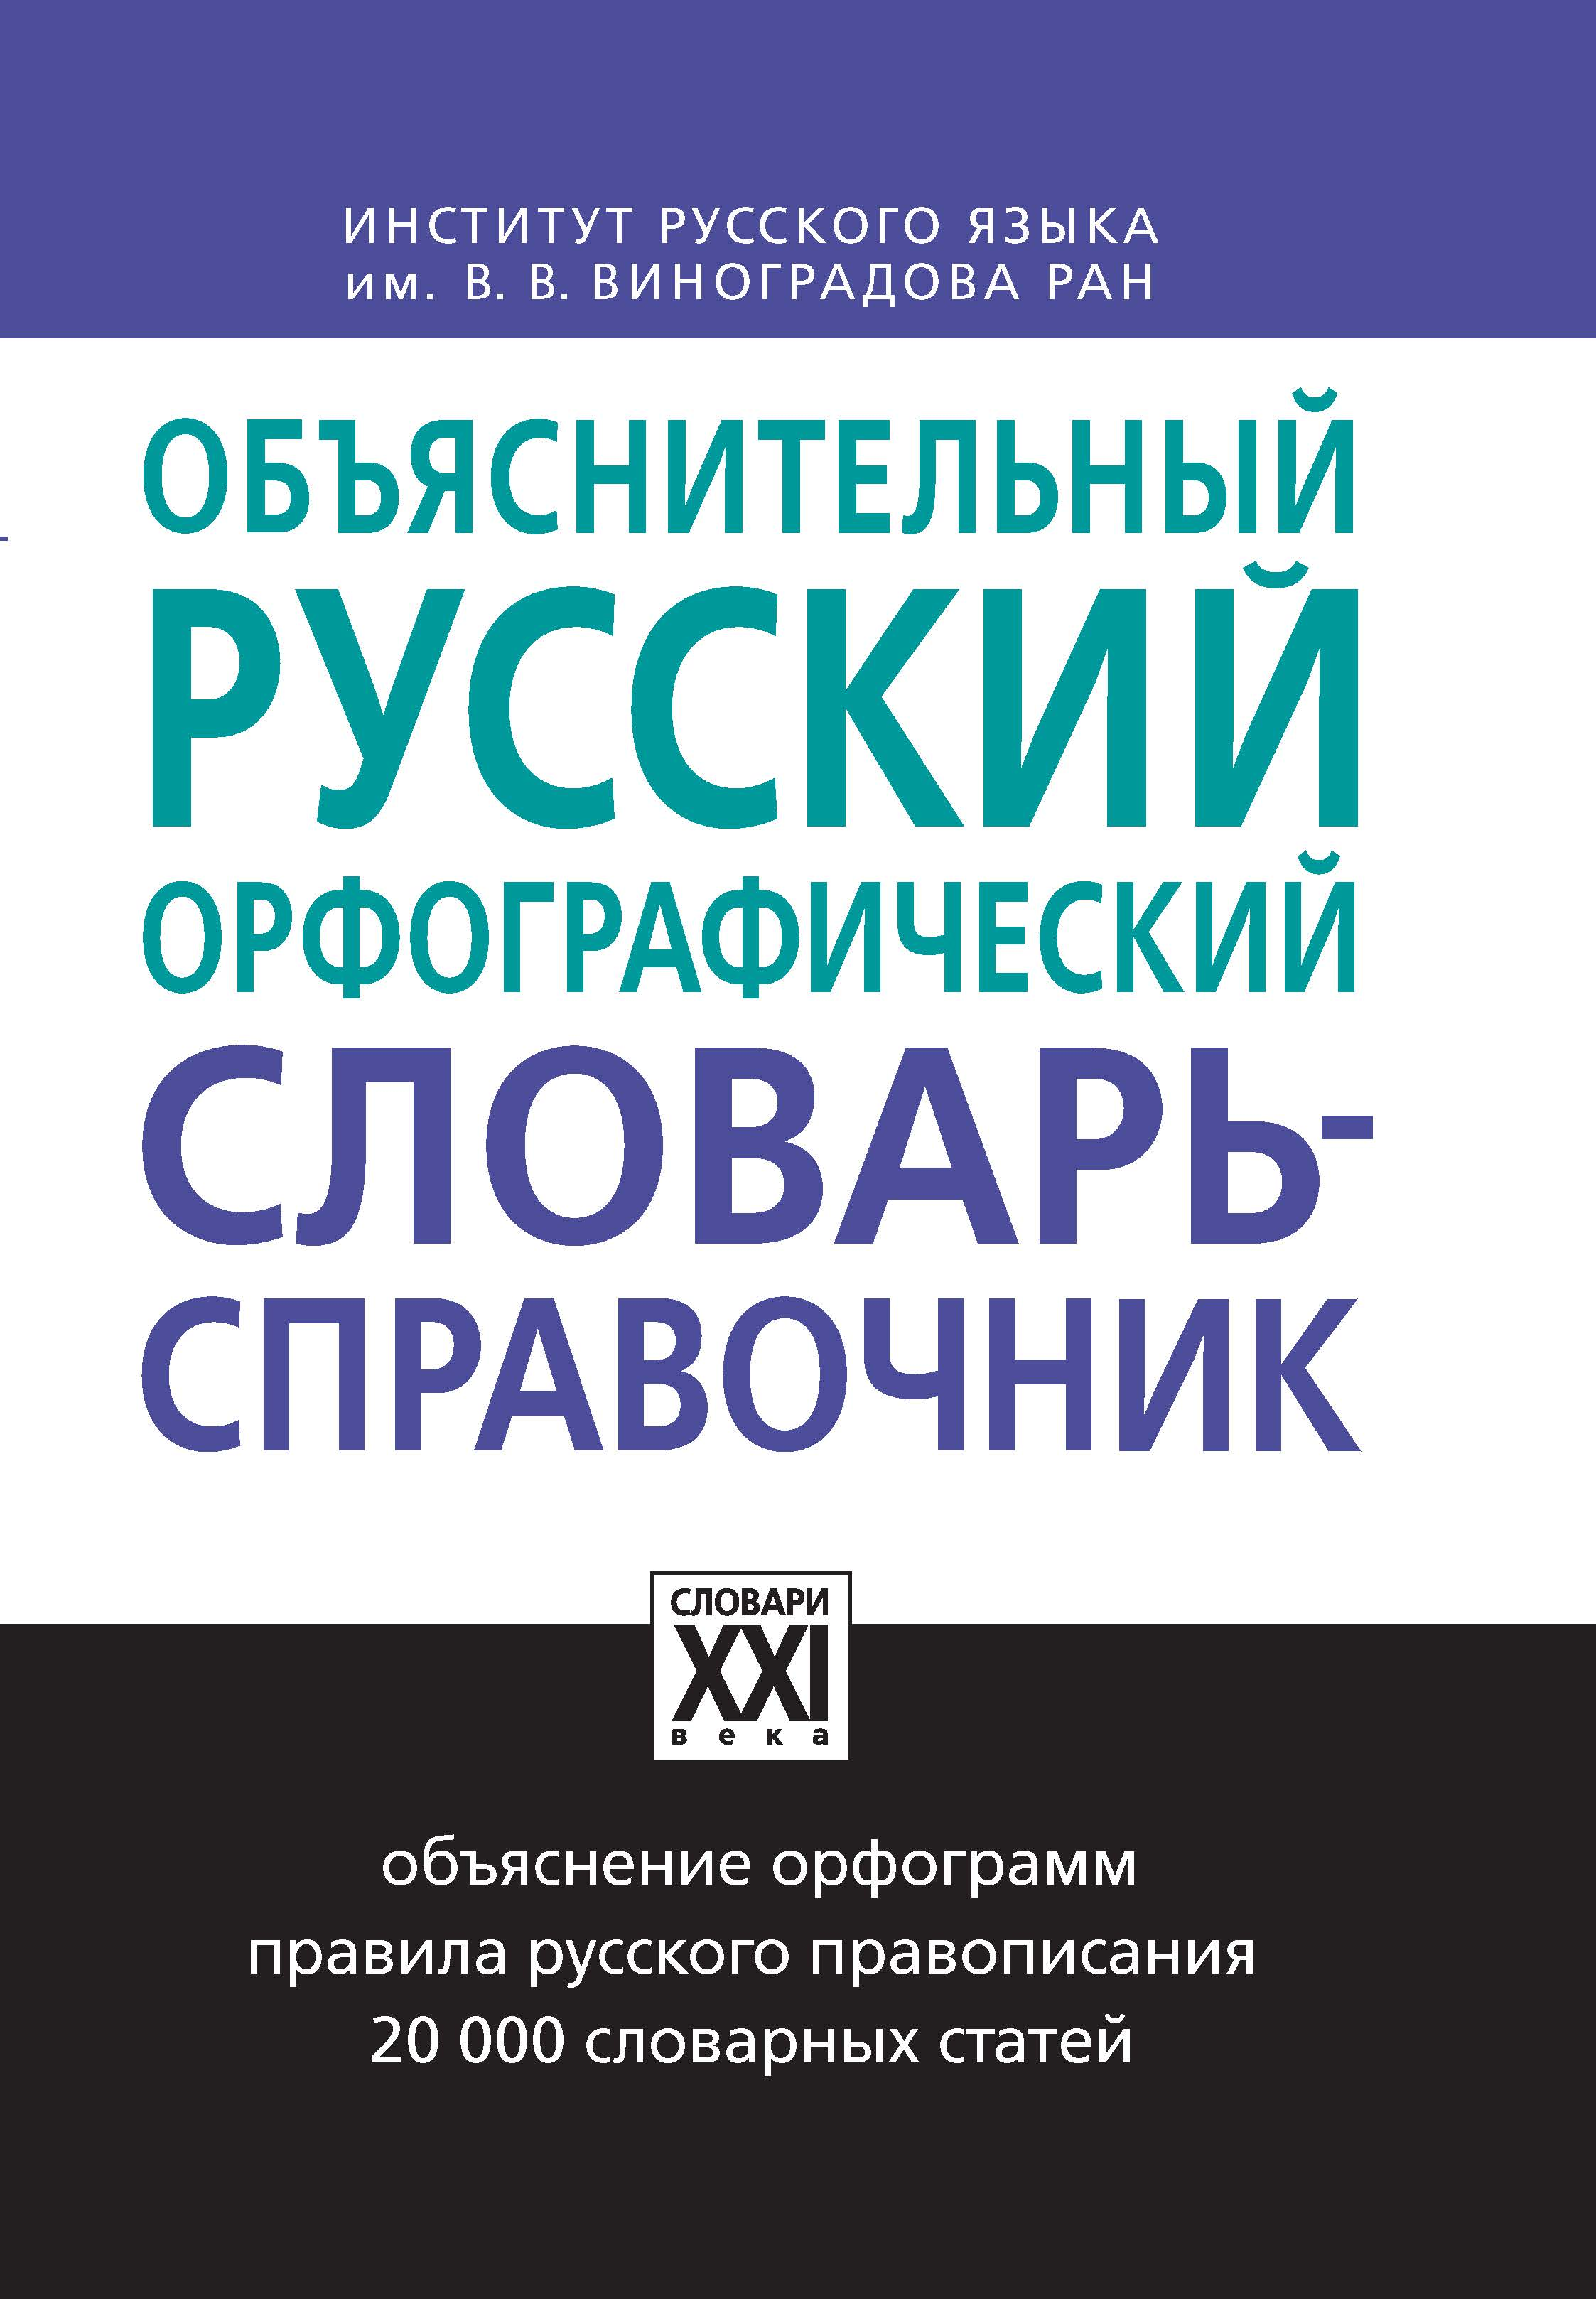 Объяснительный русский орфограф.словарь-справочник